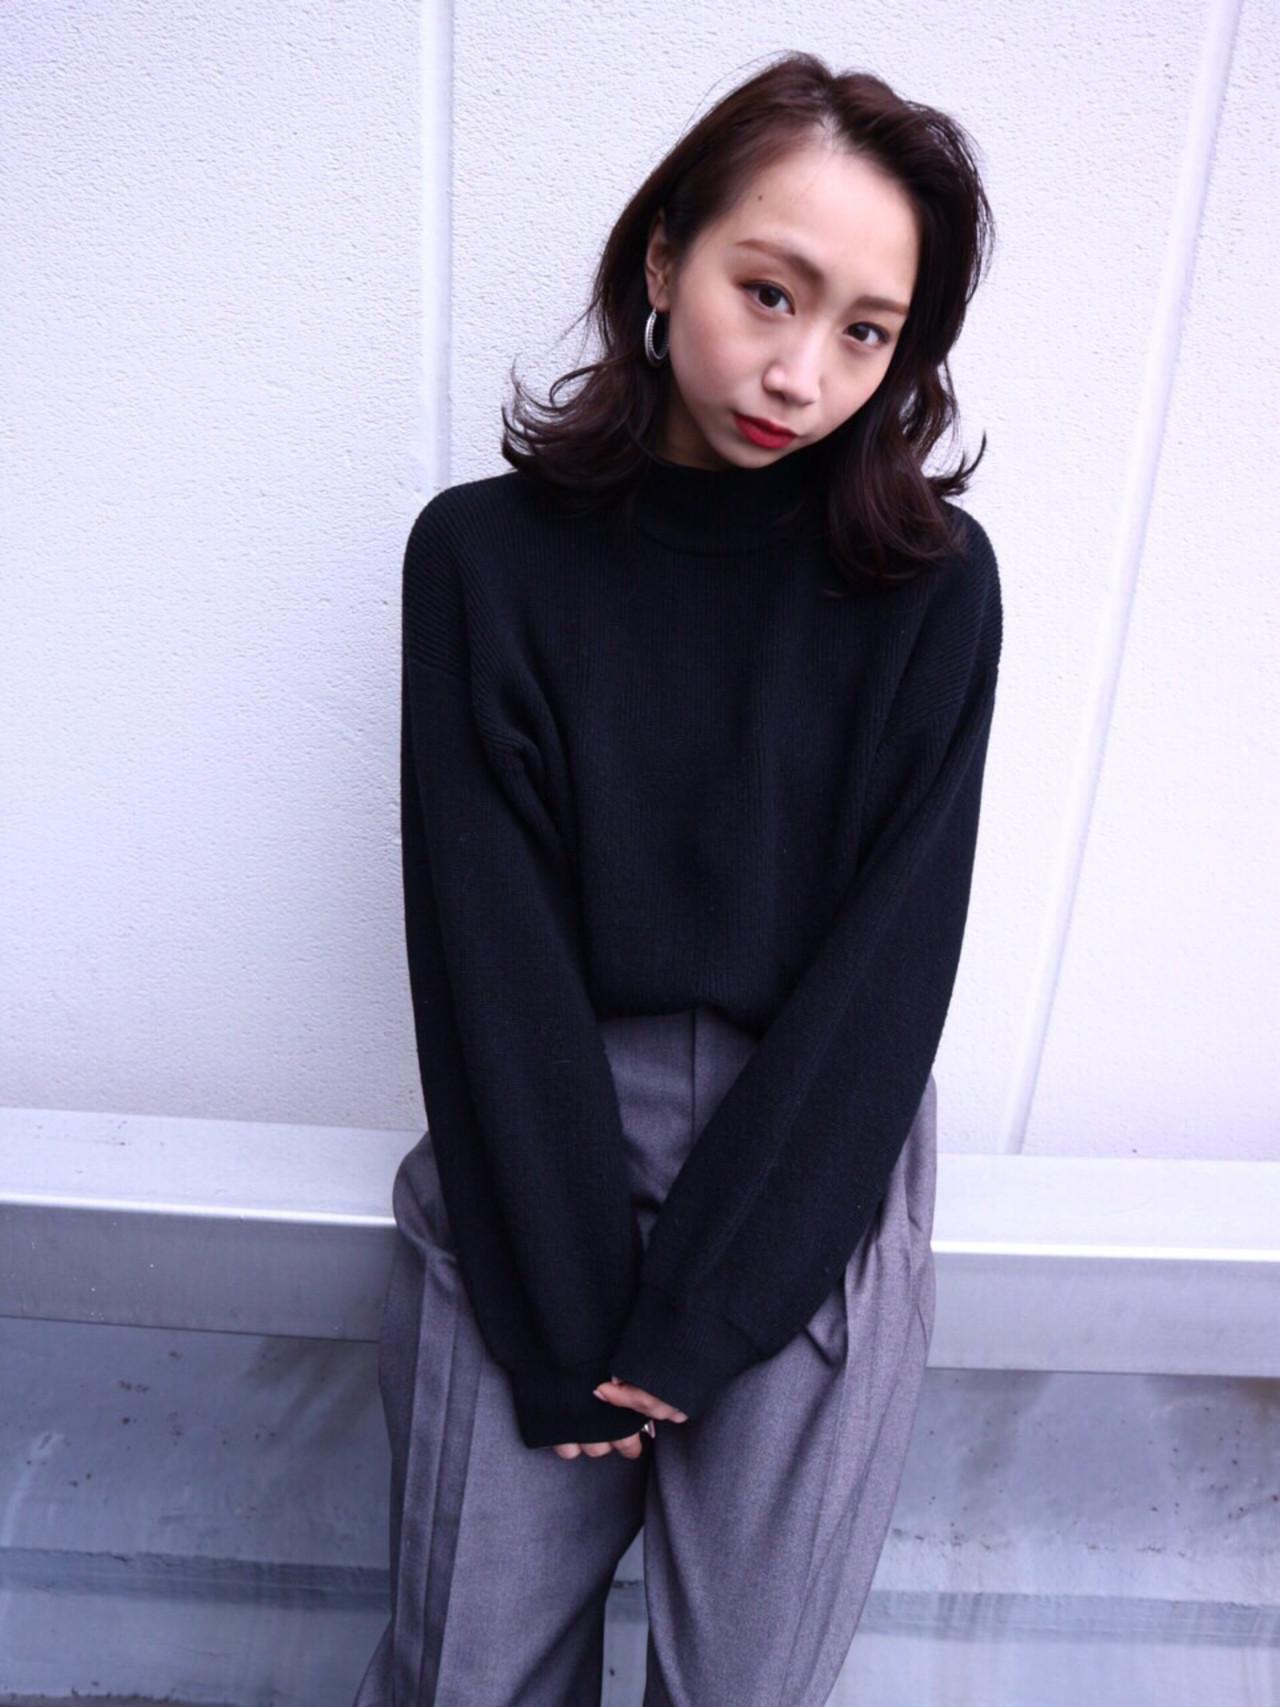 大人女子 ブルージュ モード ミディアム ヘアスタイルや髪型の写真・画像 | Takashi Tetone / SHIKIO HAIR DESIGN